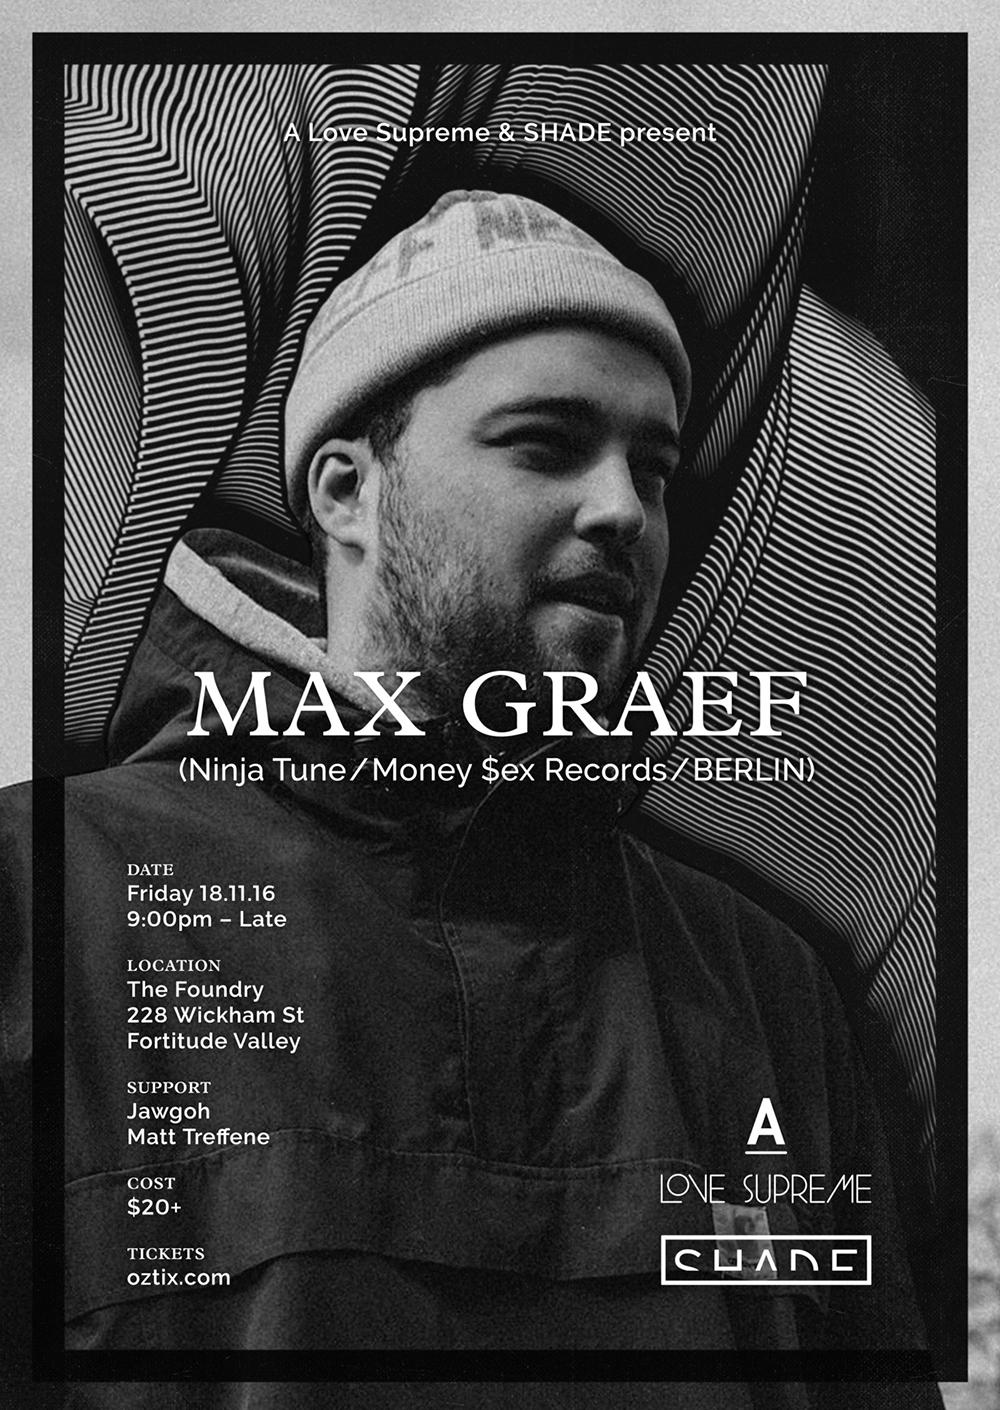 Max_Graef_22.jpg